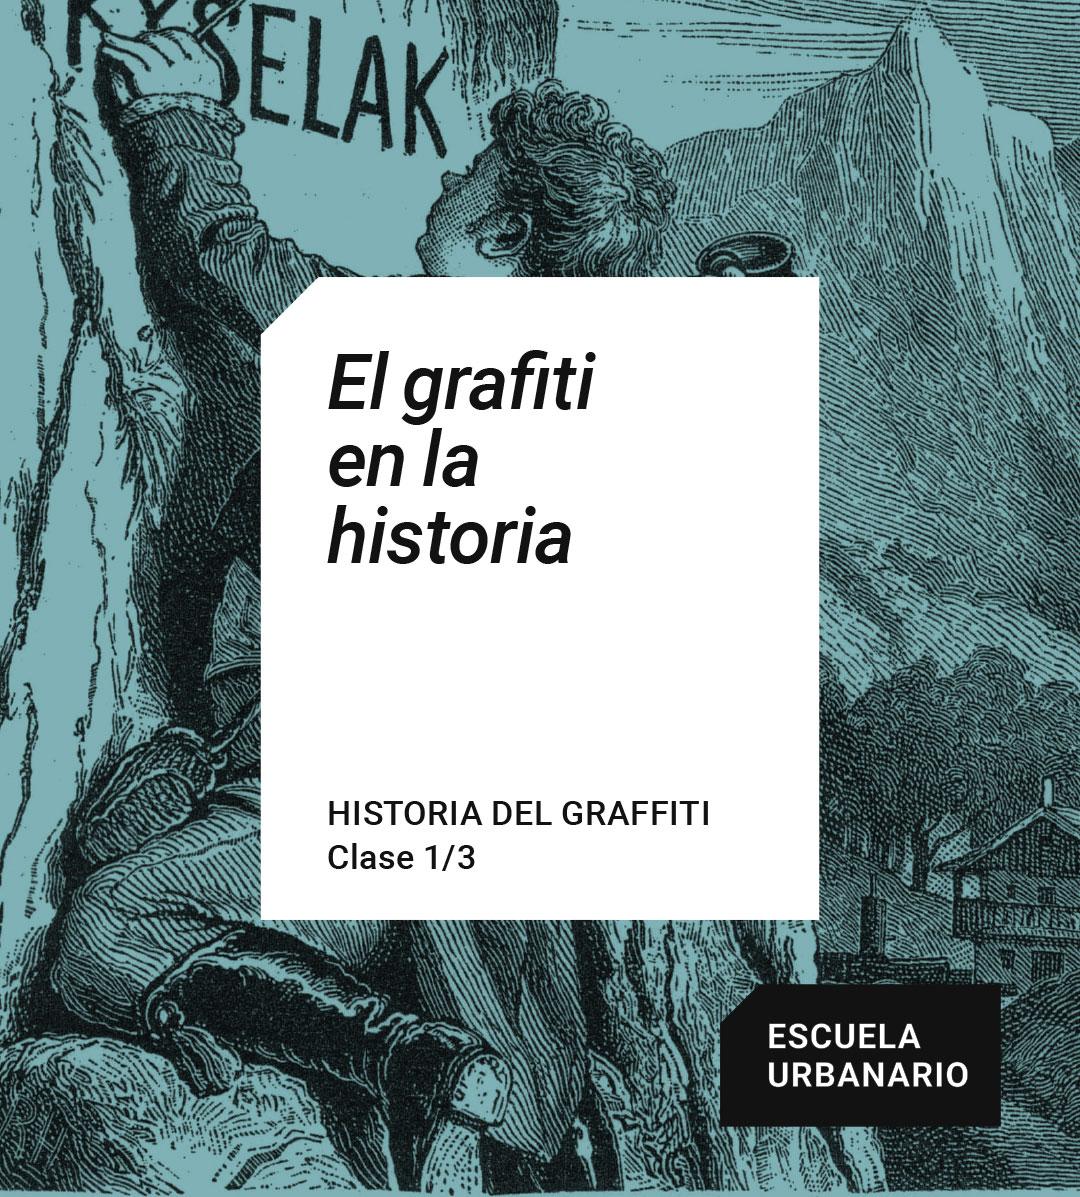 El graffiti en la historia - Escuela Urbanario